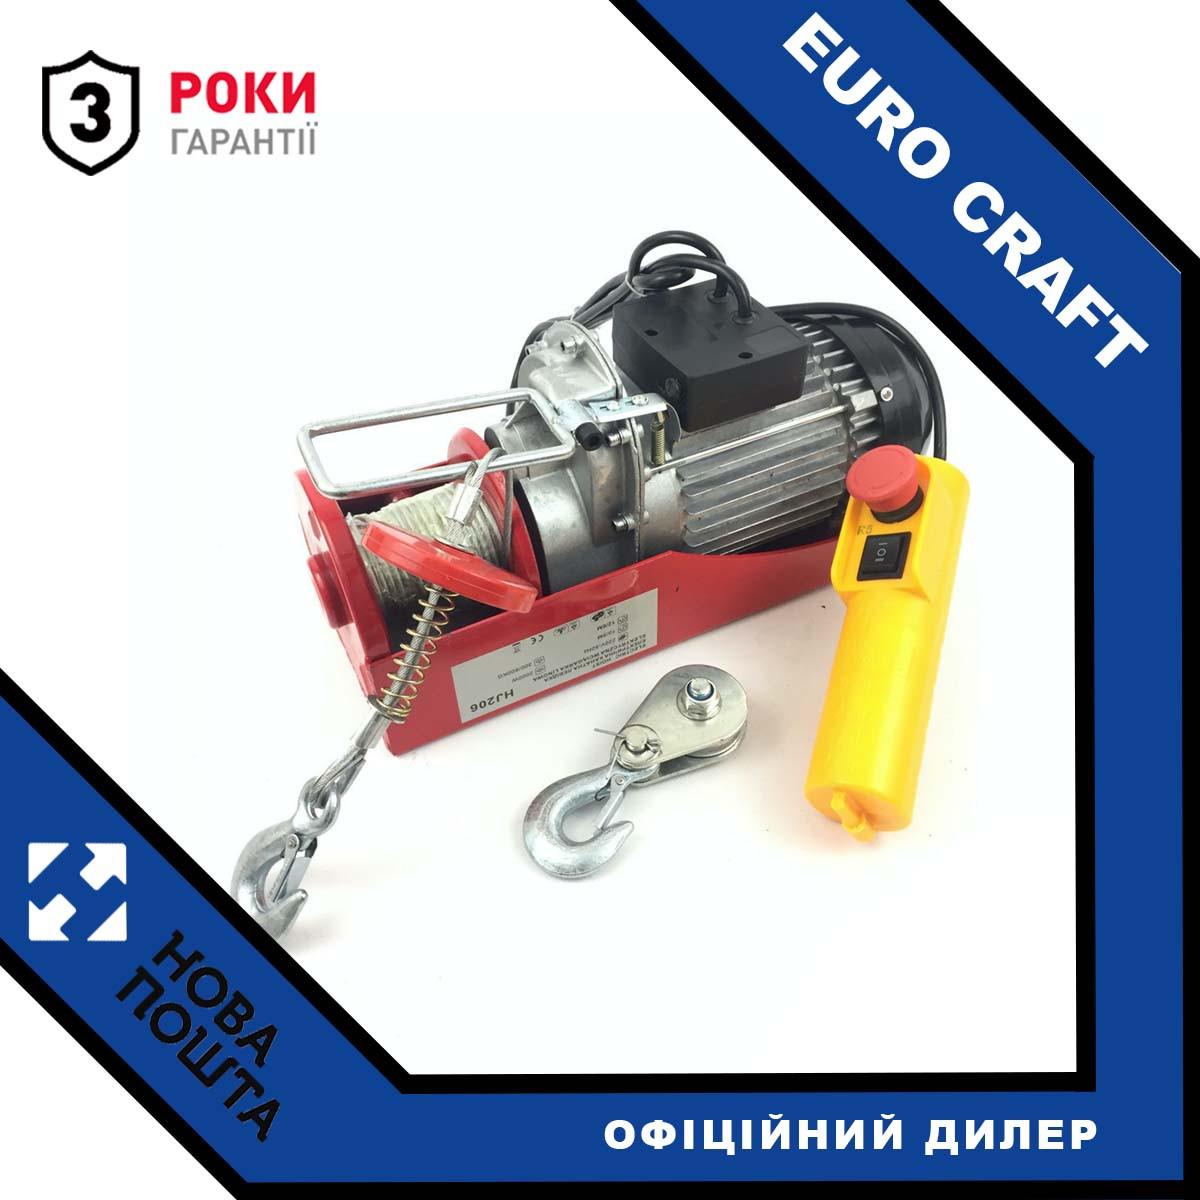 Тельфер Euro Craft HJ206 Польща 300/600 кг